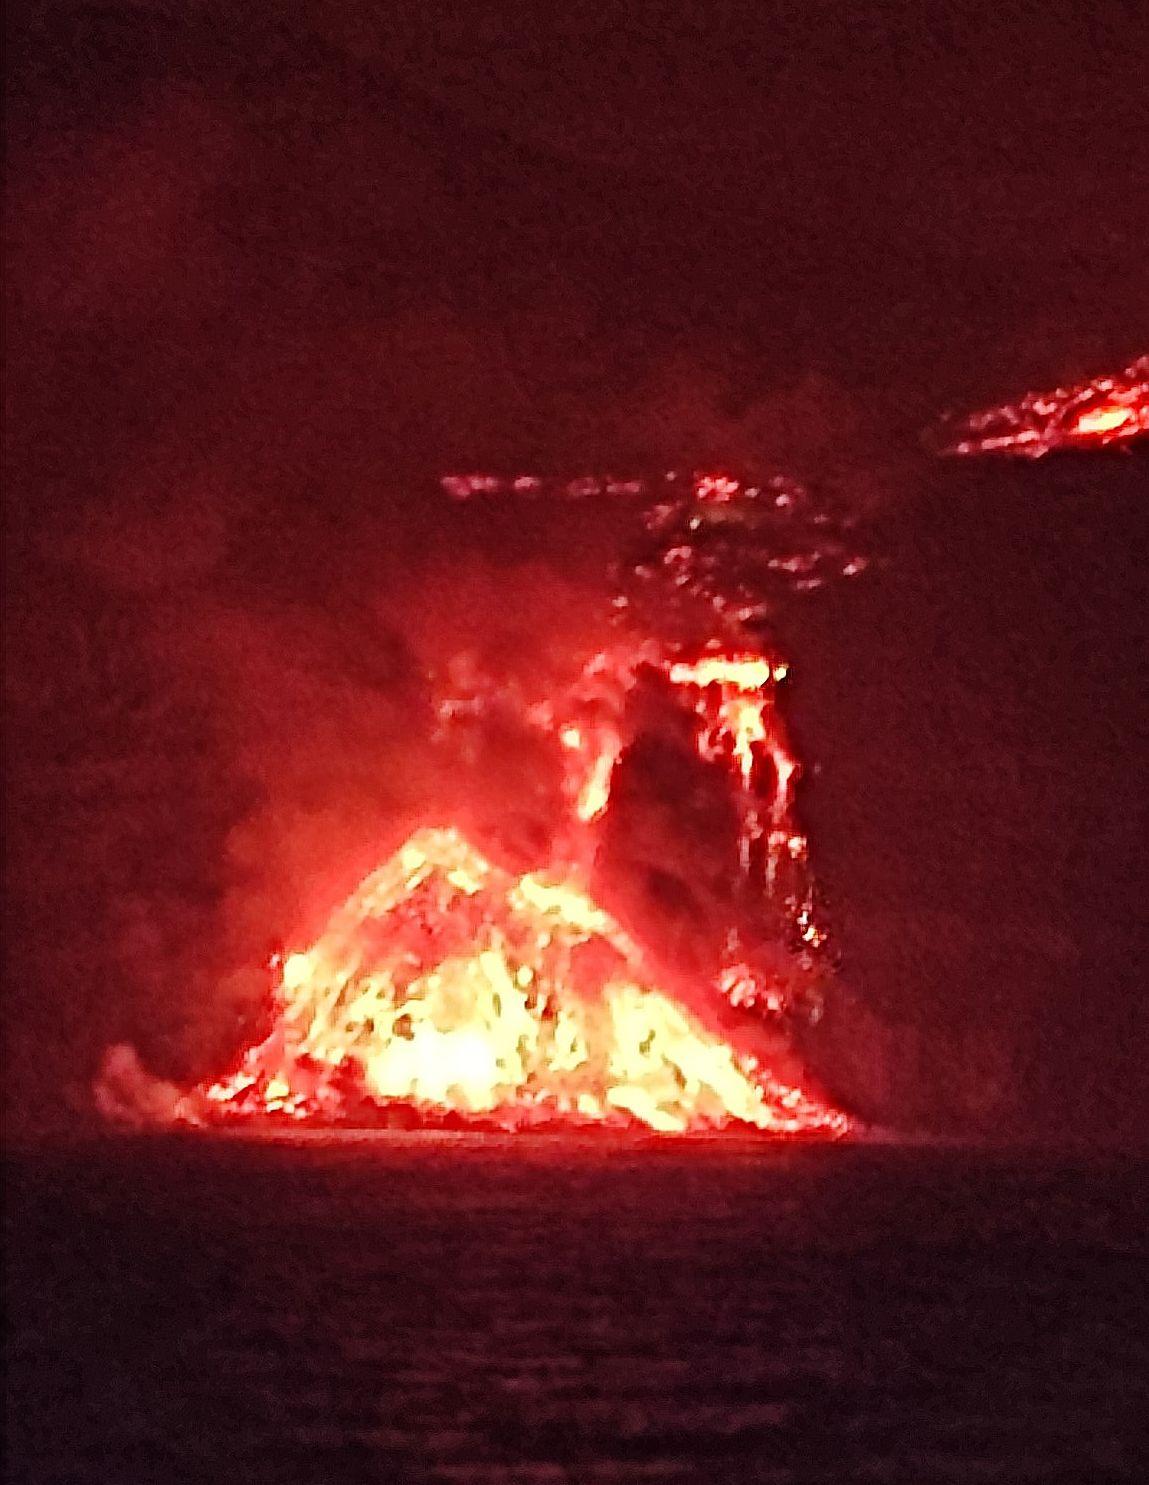 La Palma / Cumbre Vieja - 28.09.2021 -  pyramide de lave  déposée par l'arrivée de s coulées  - Doc. Geociencias Marinas (IEO)